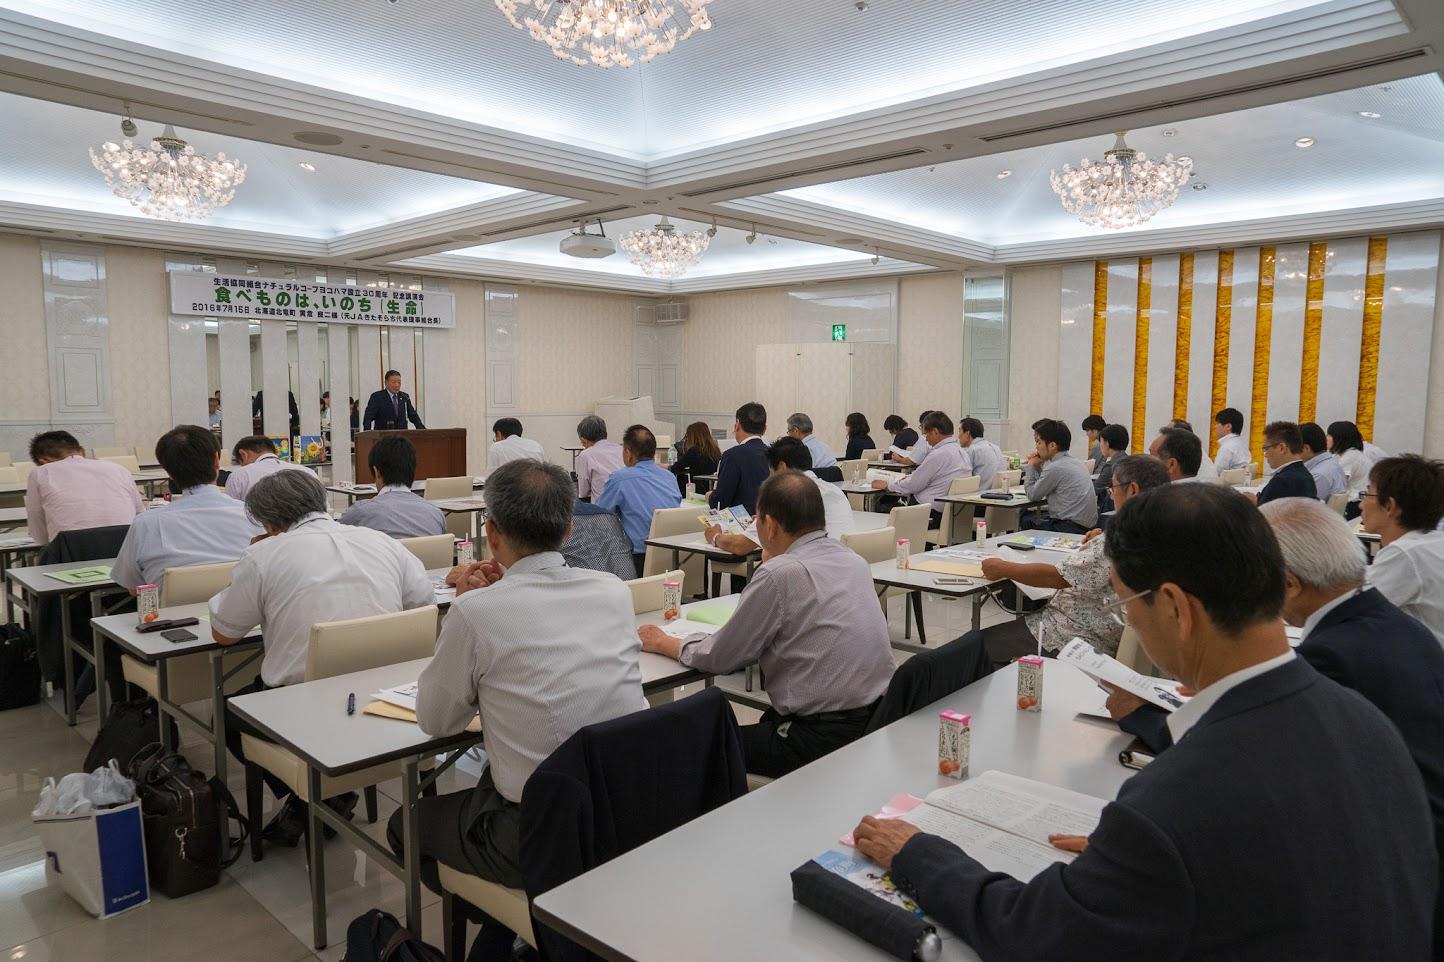 黄倉氏の講演を熱心に聴講する参加者